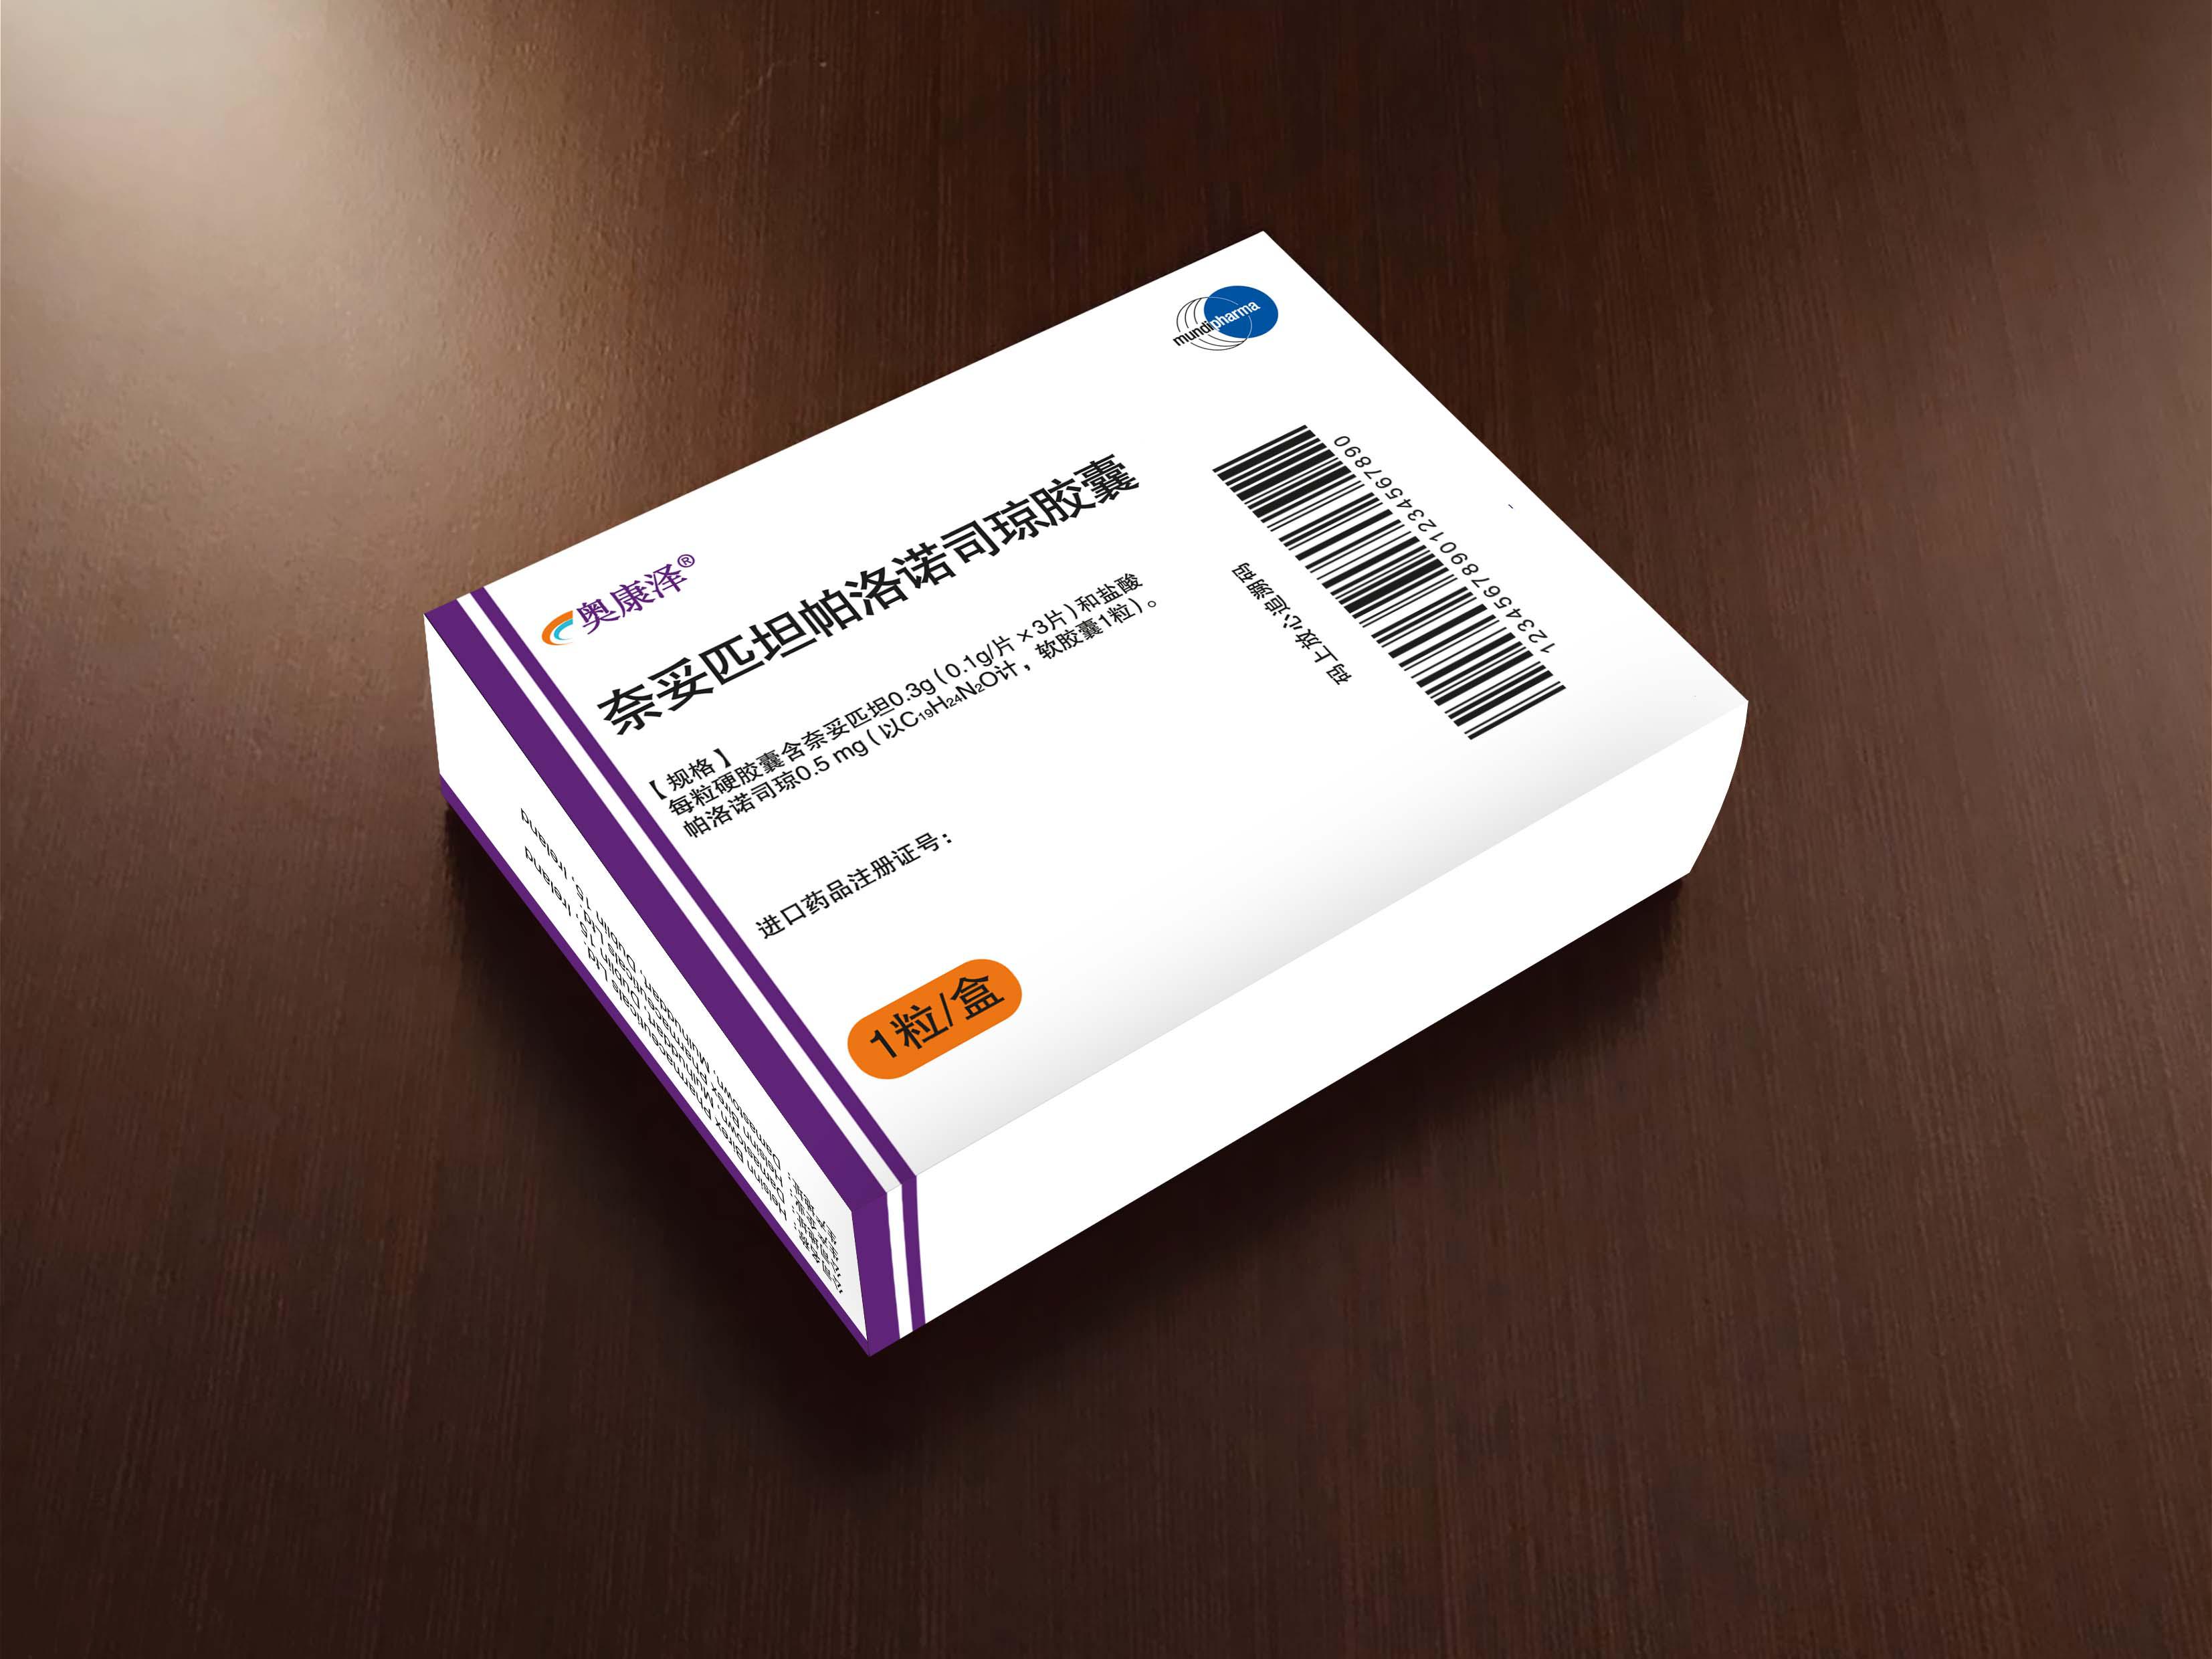 赫尔森集团、萌蒂中国制药共同宣布:奥康泽获得国家药品监督管理局批准